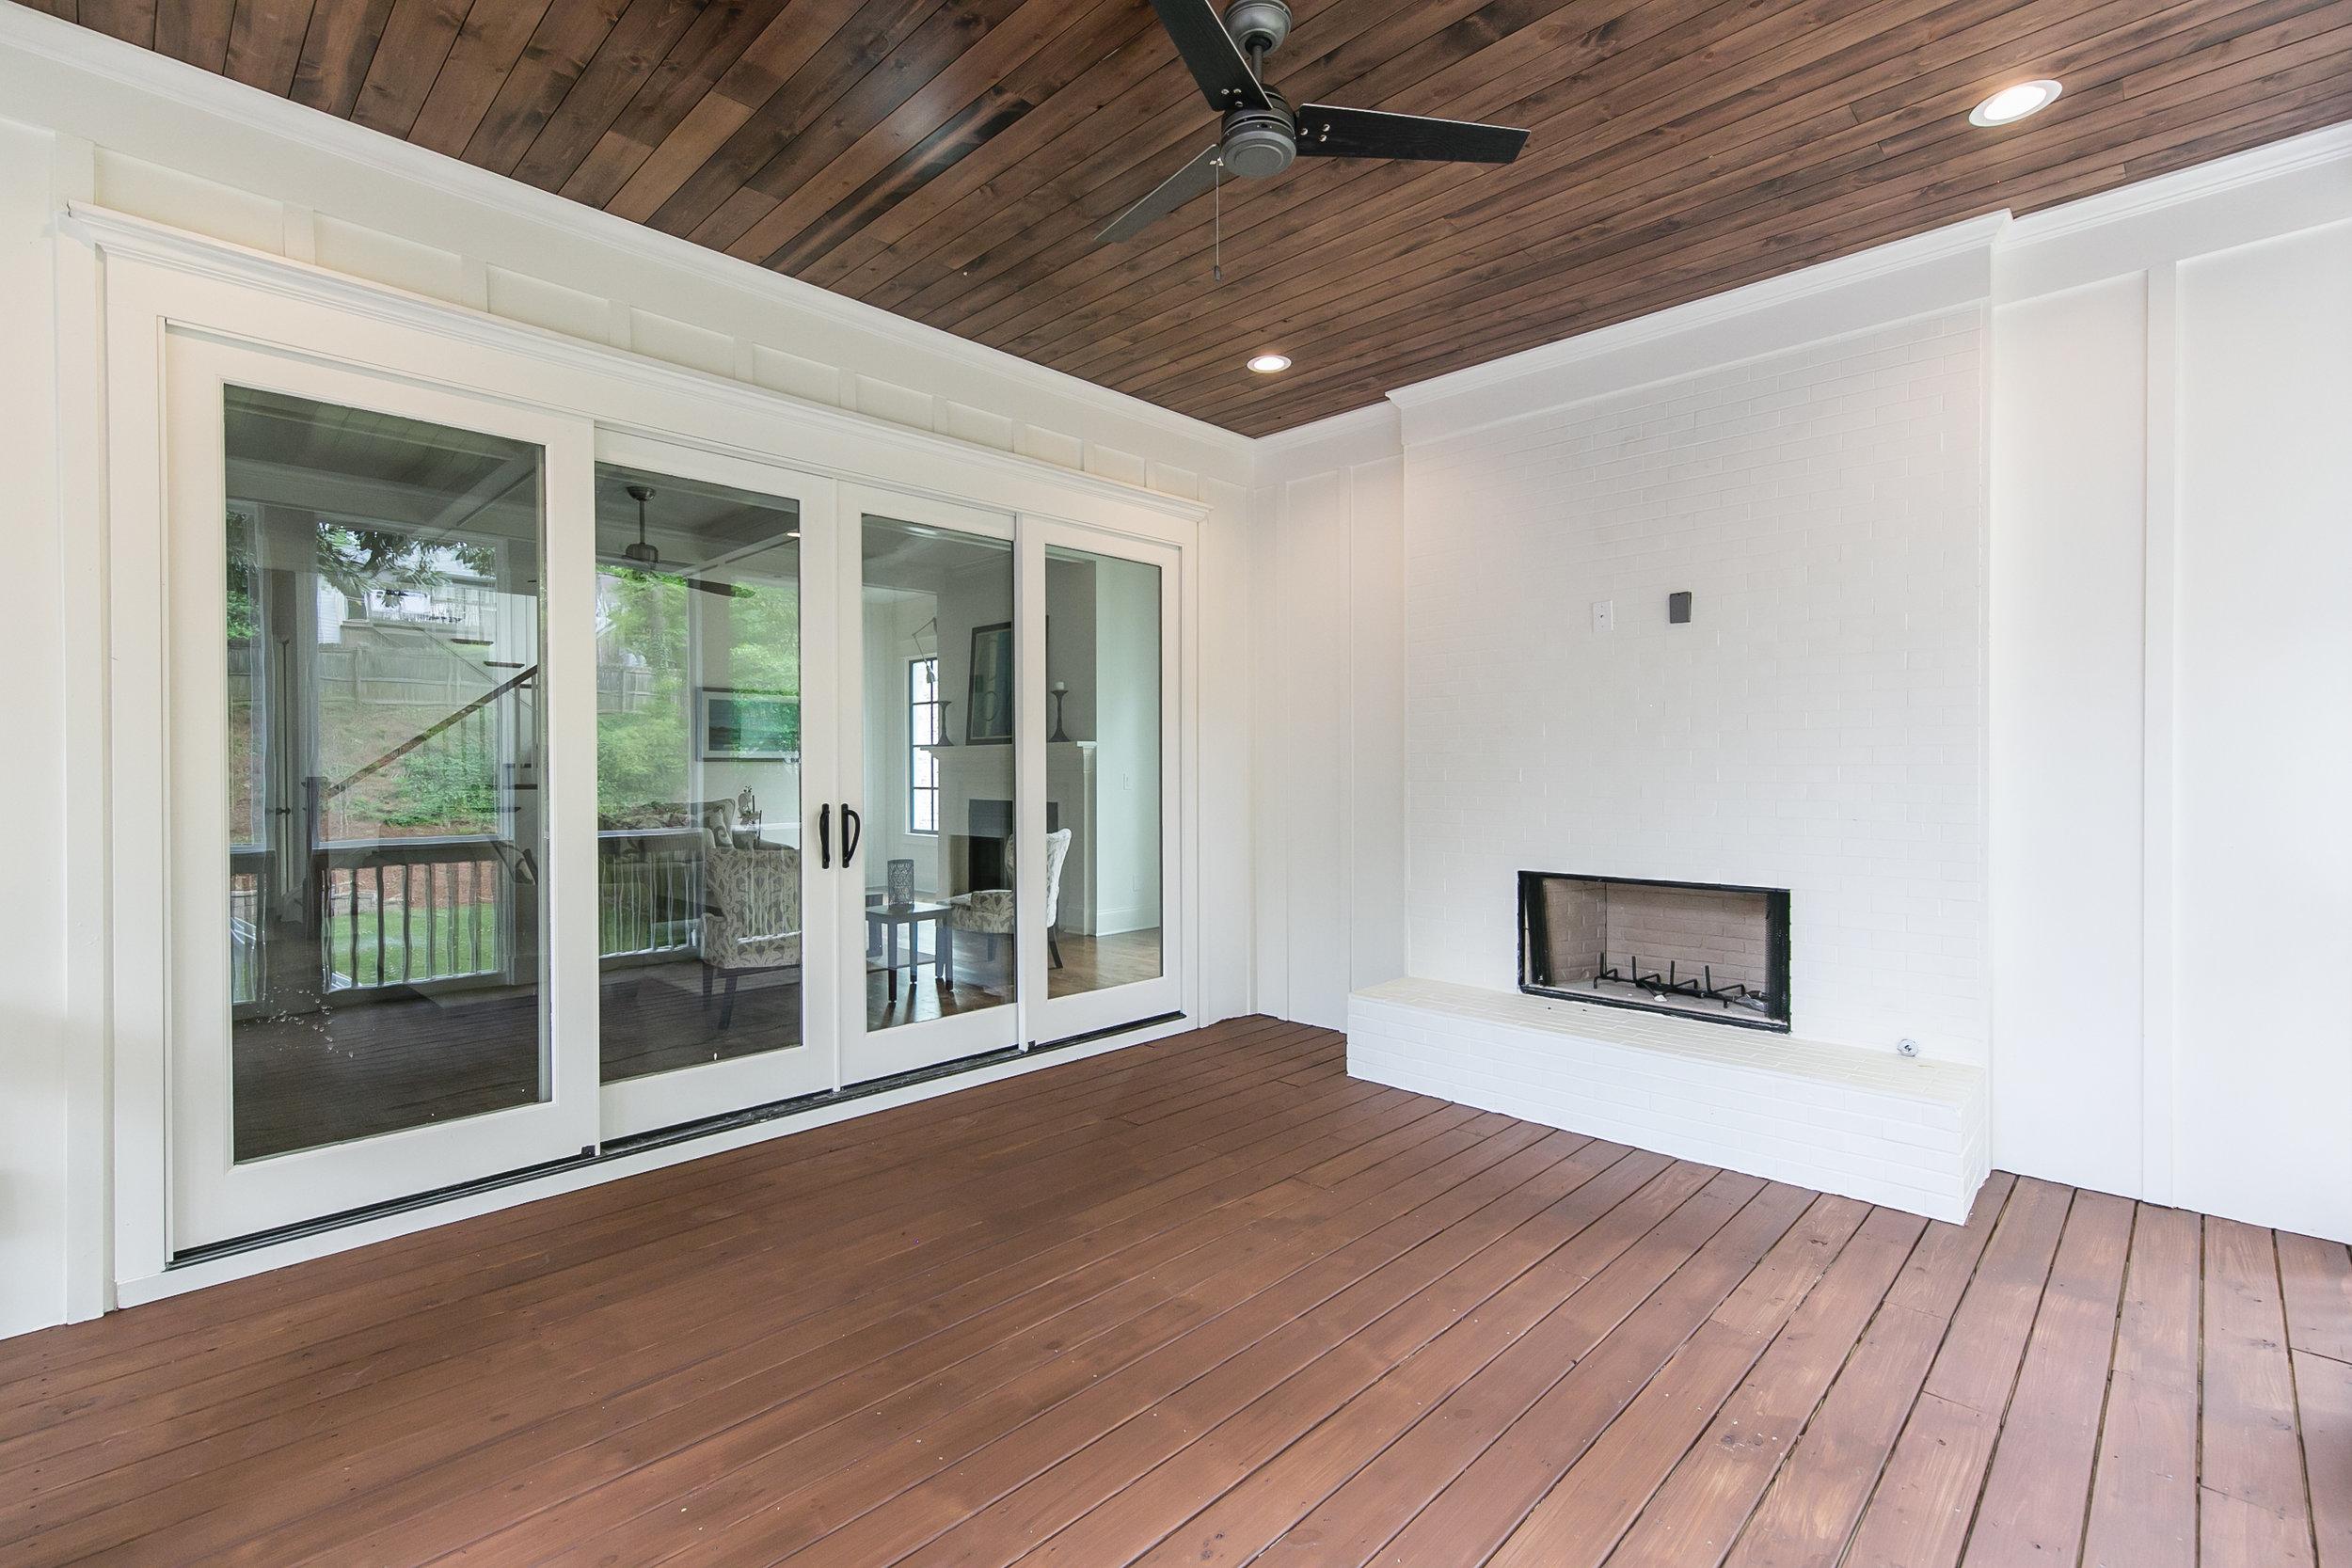 1388 N Morningside-Back porch 1.jpg